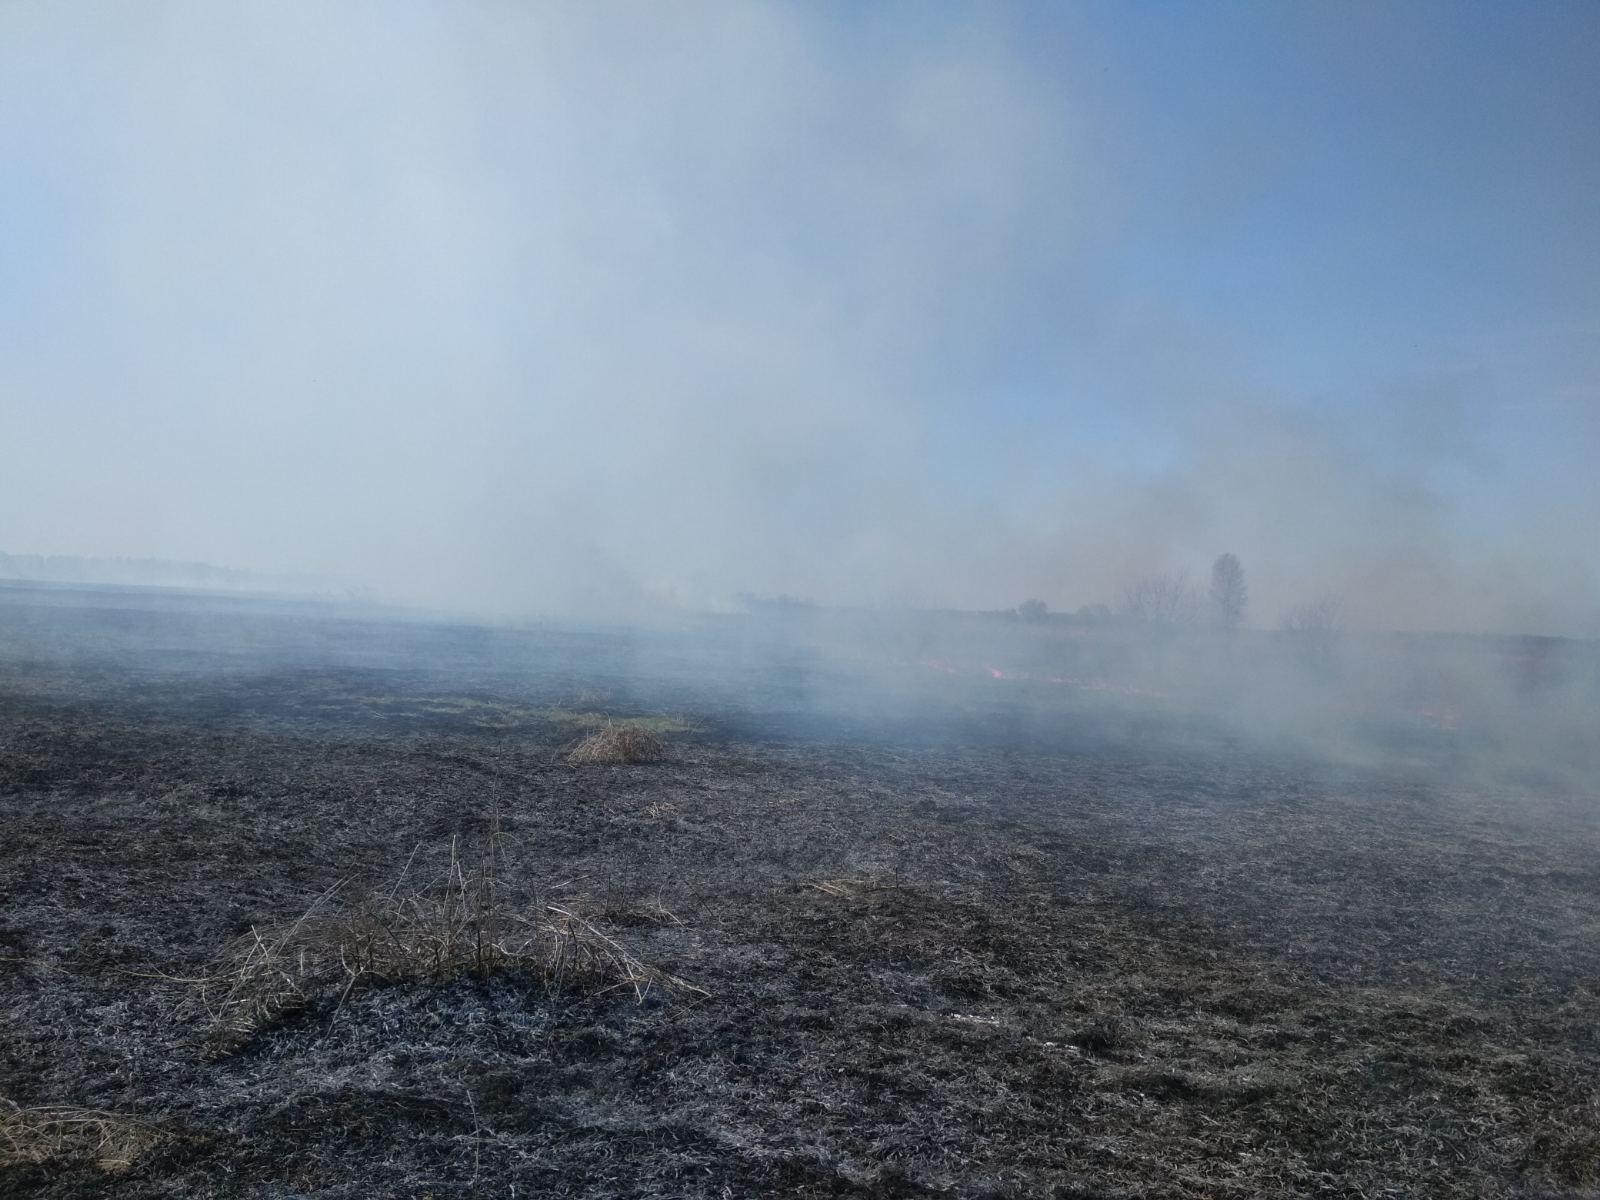 На Броварщині рятувальники борються з пожежами в екосистемах -  - yzobrazhenye viber 2020 04 09 20 51 03 1